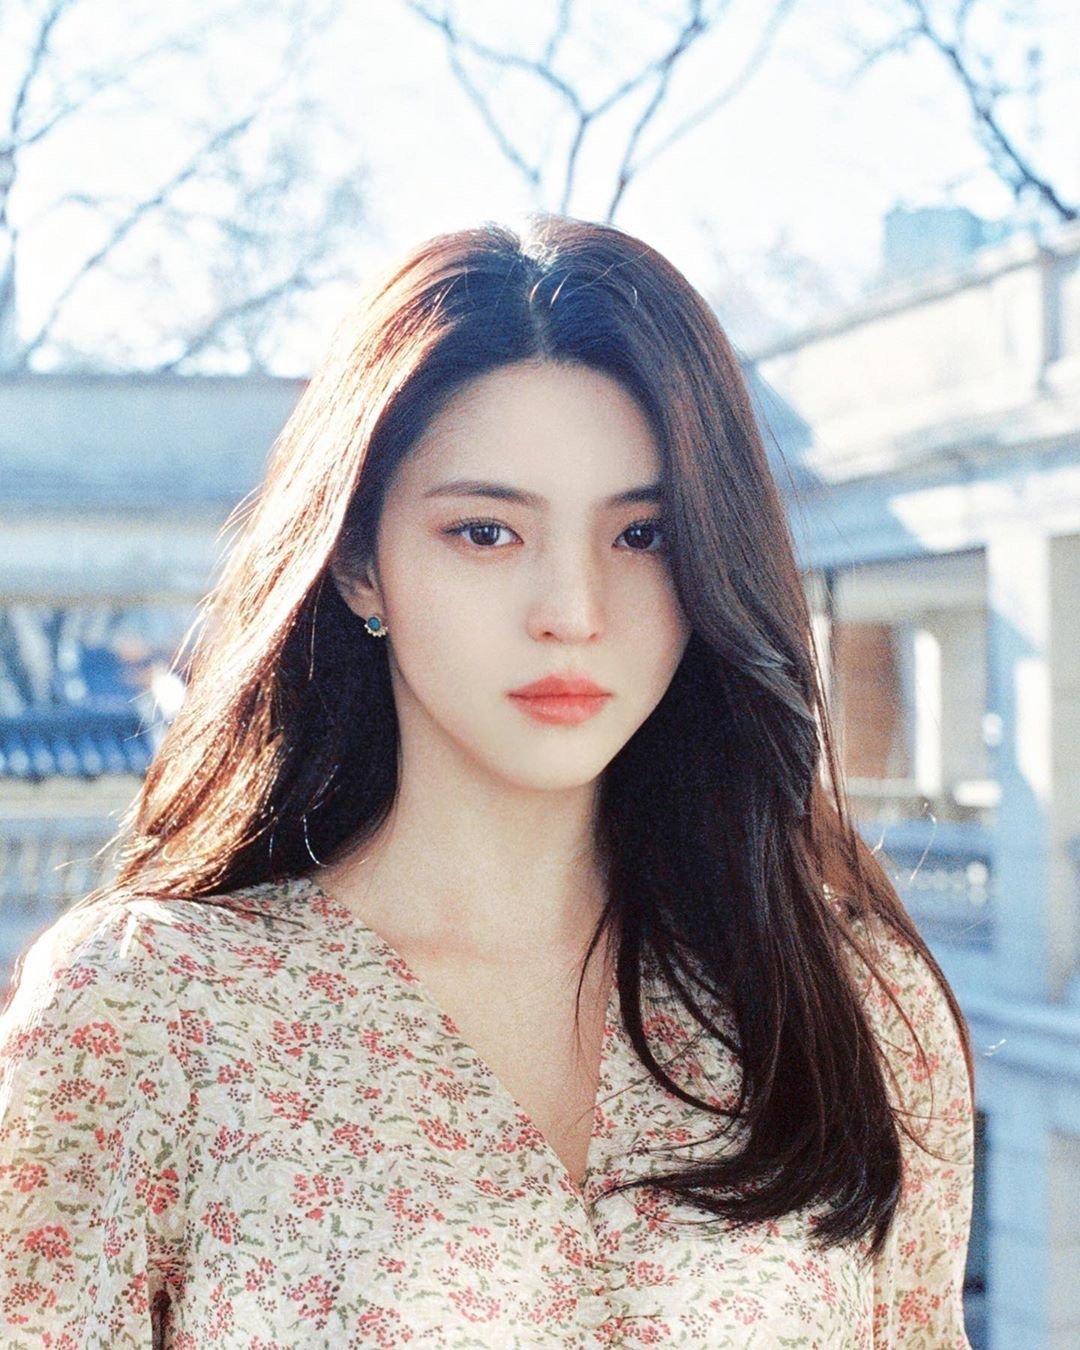 韩国女演员韩素希日常生活写真图片,太美了好精致